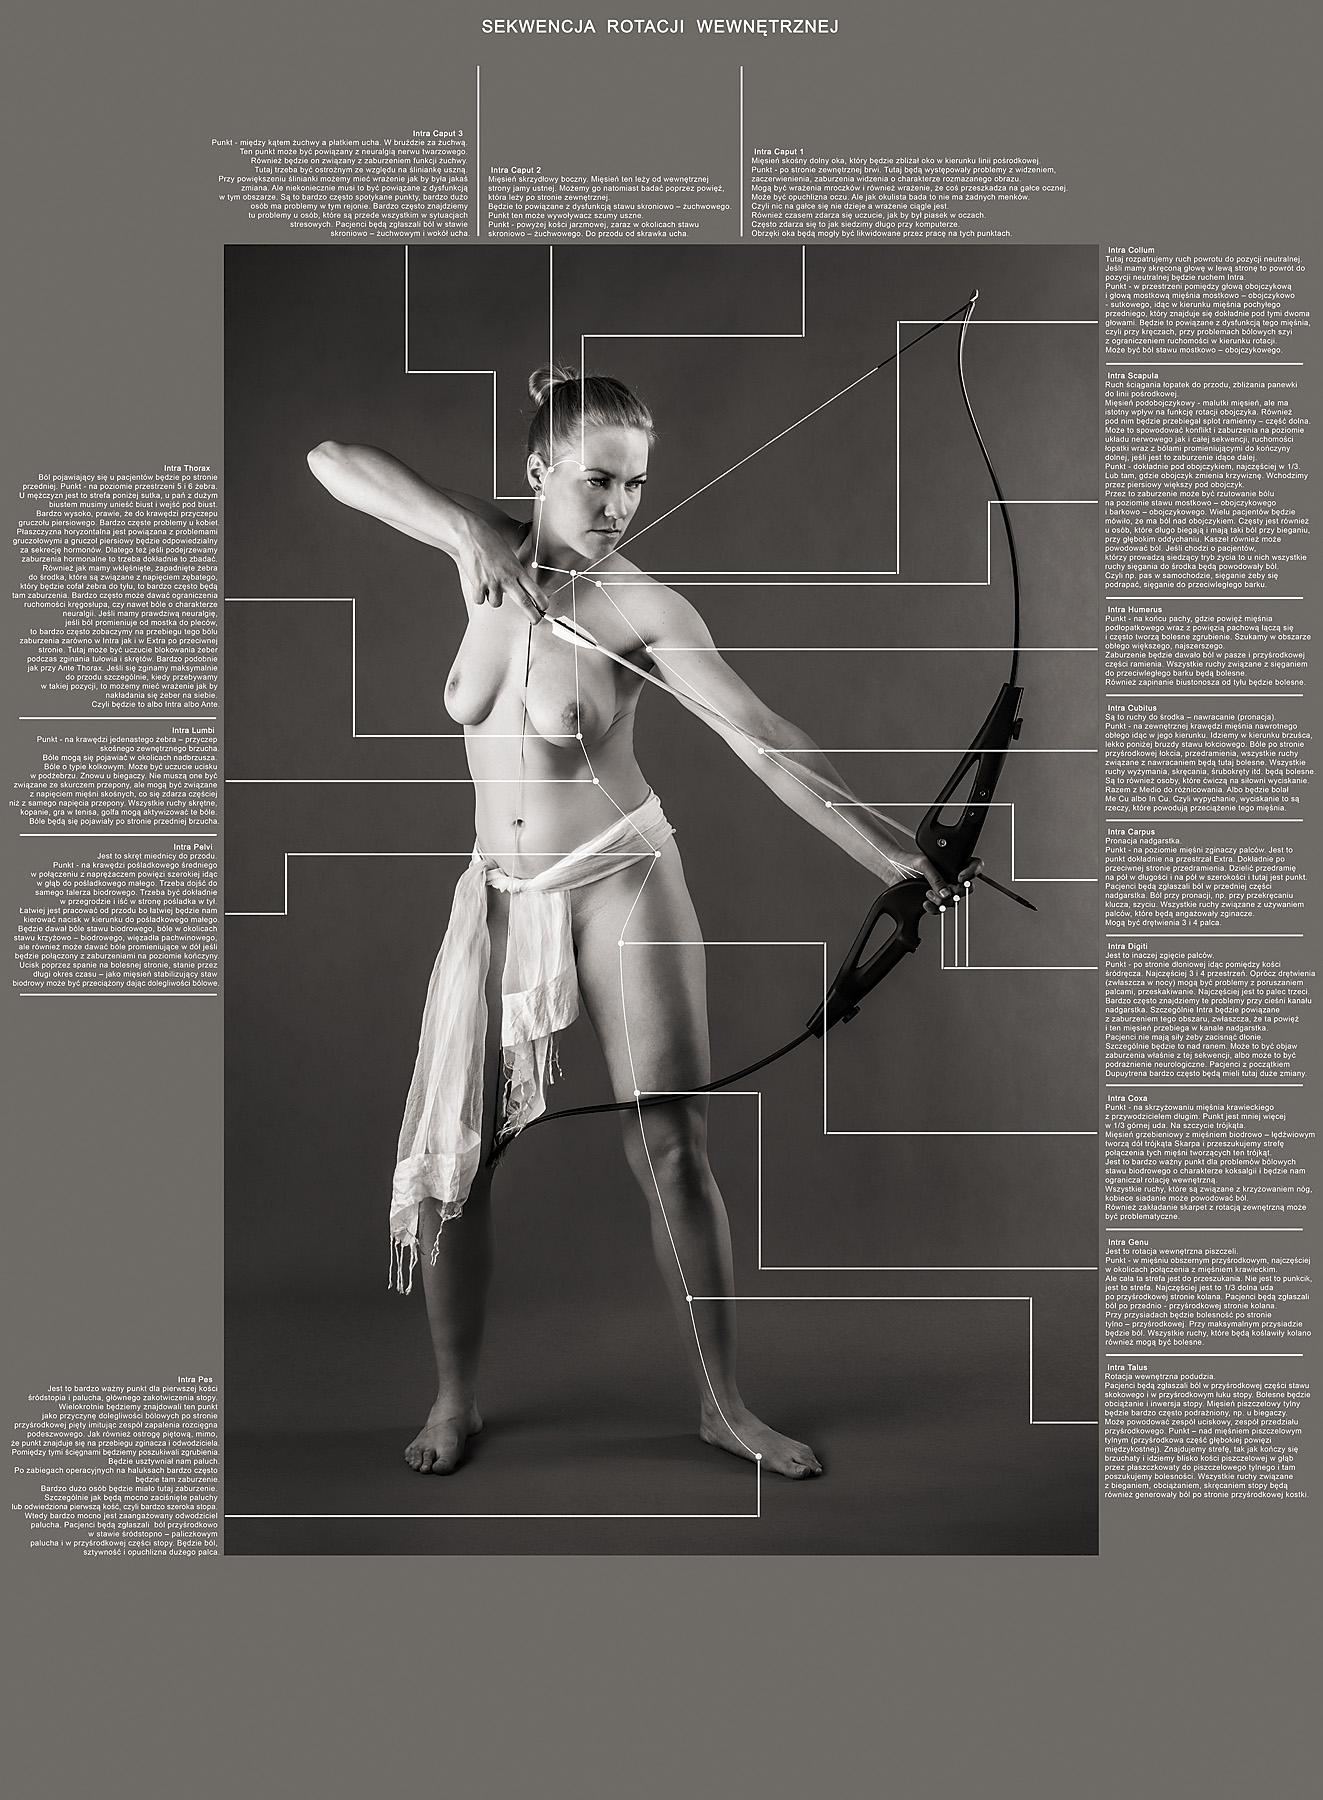 Fotografie, grafika, opracowanie dla Fizjosfera